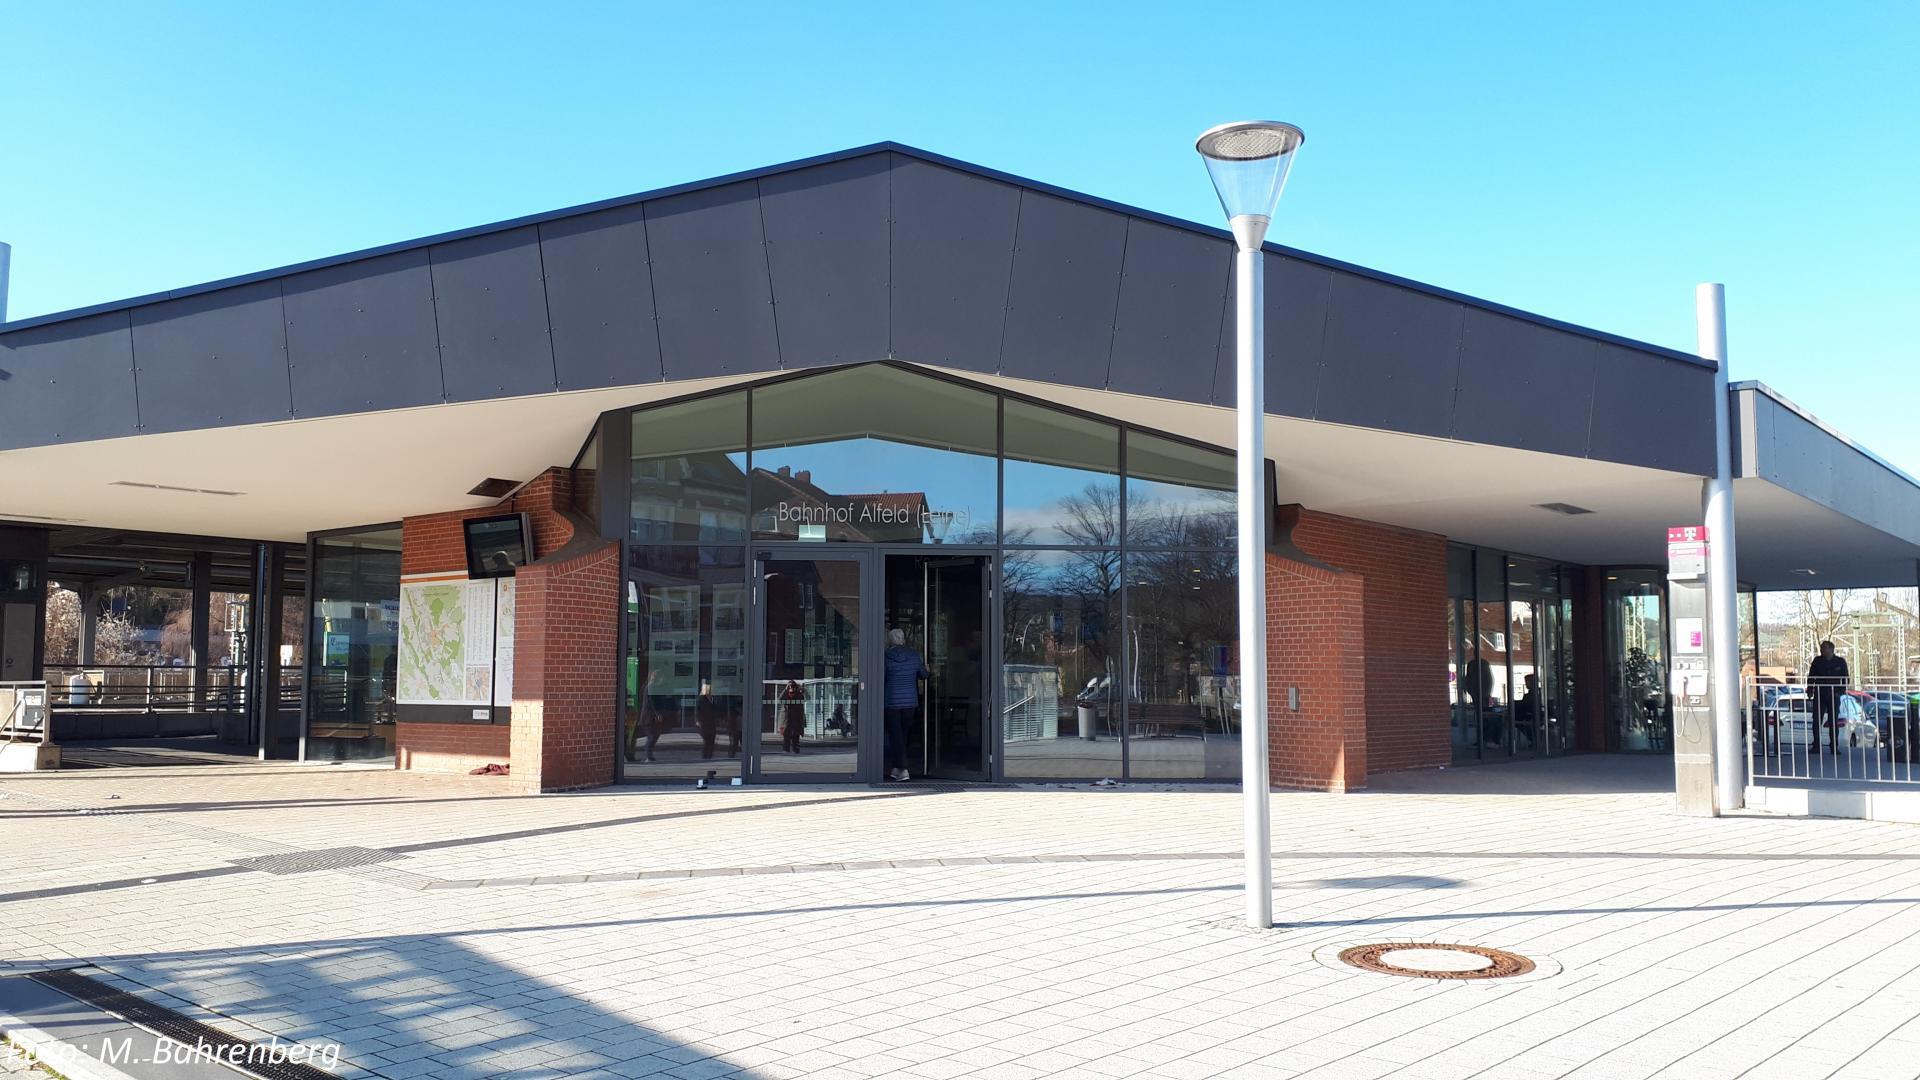 Bahnhofsgebäude mit Nachweis